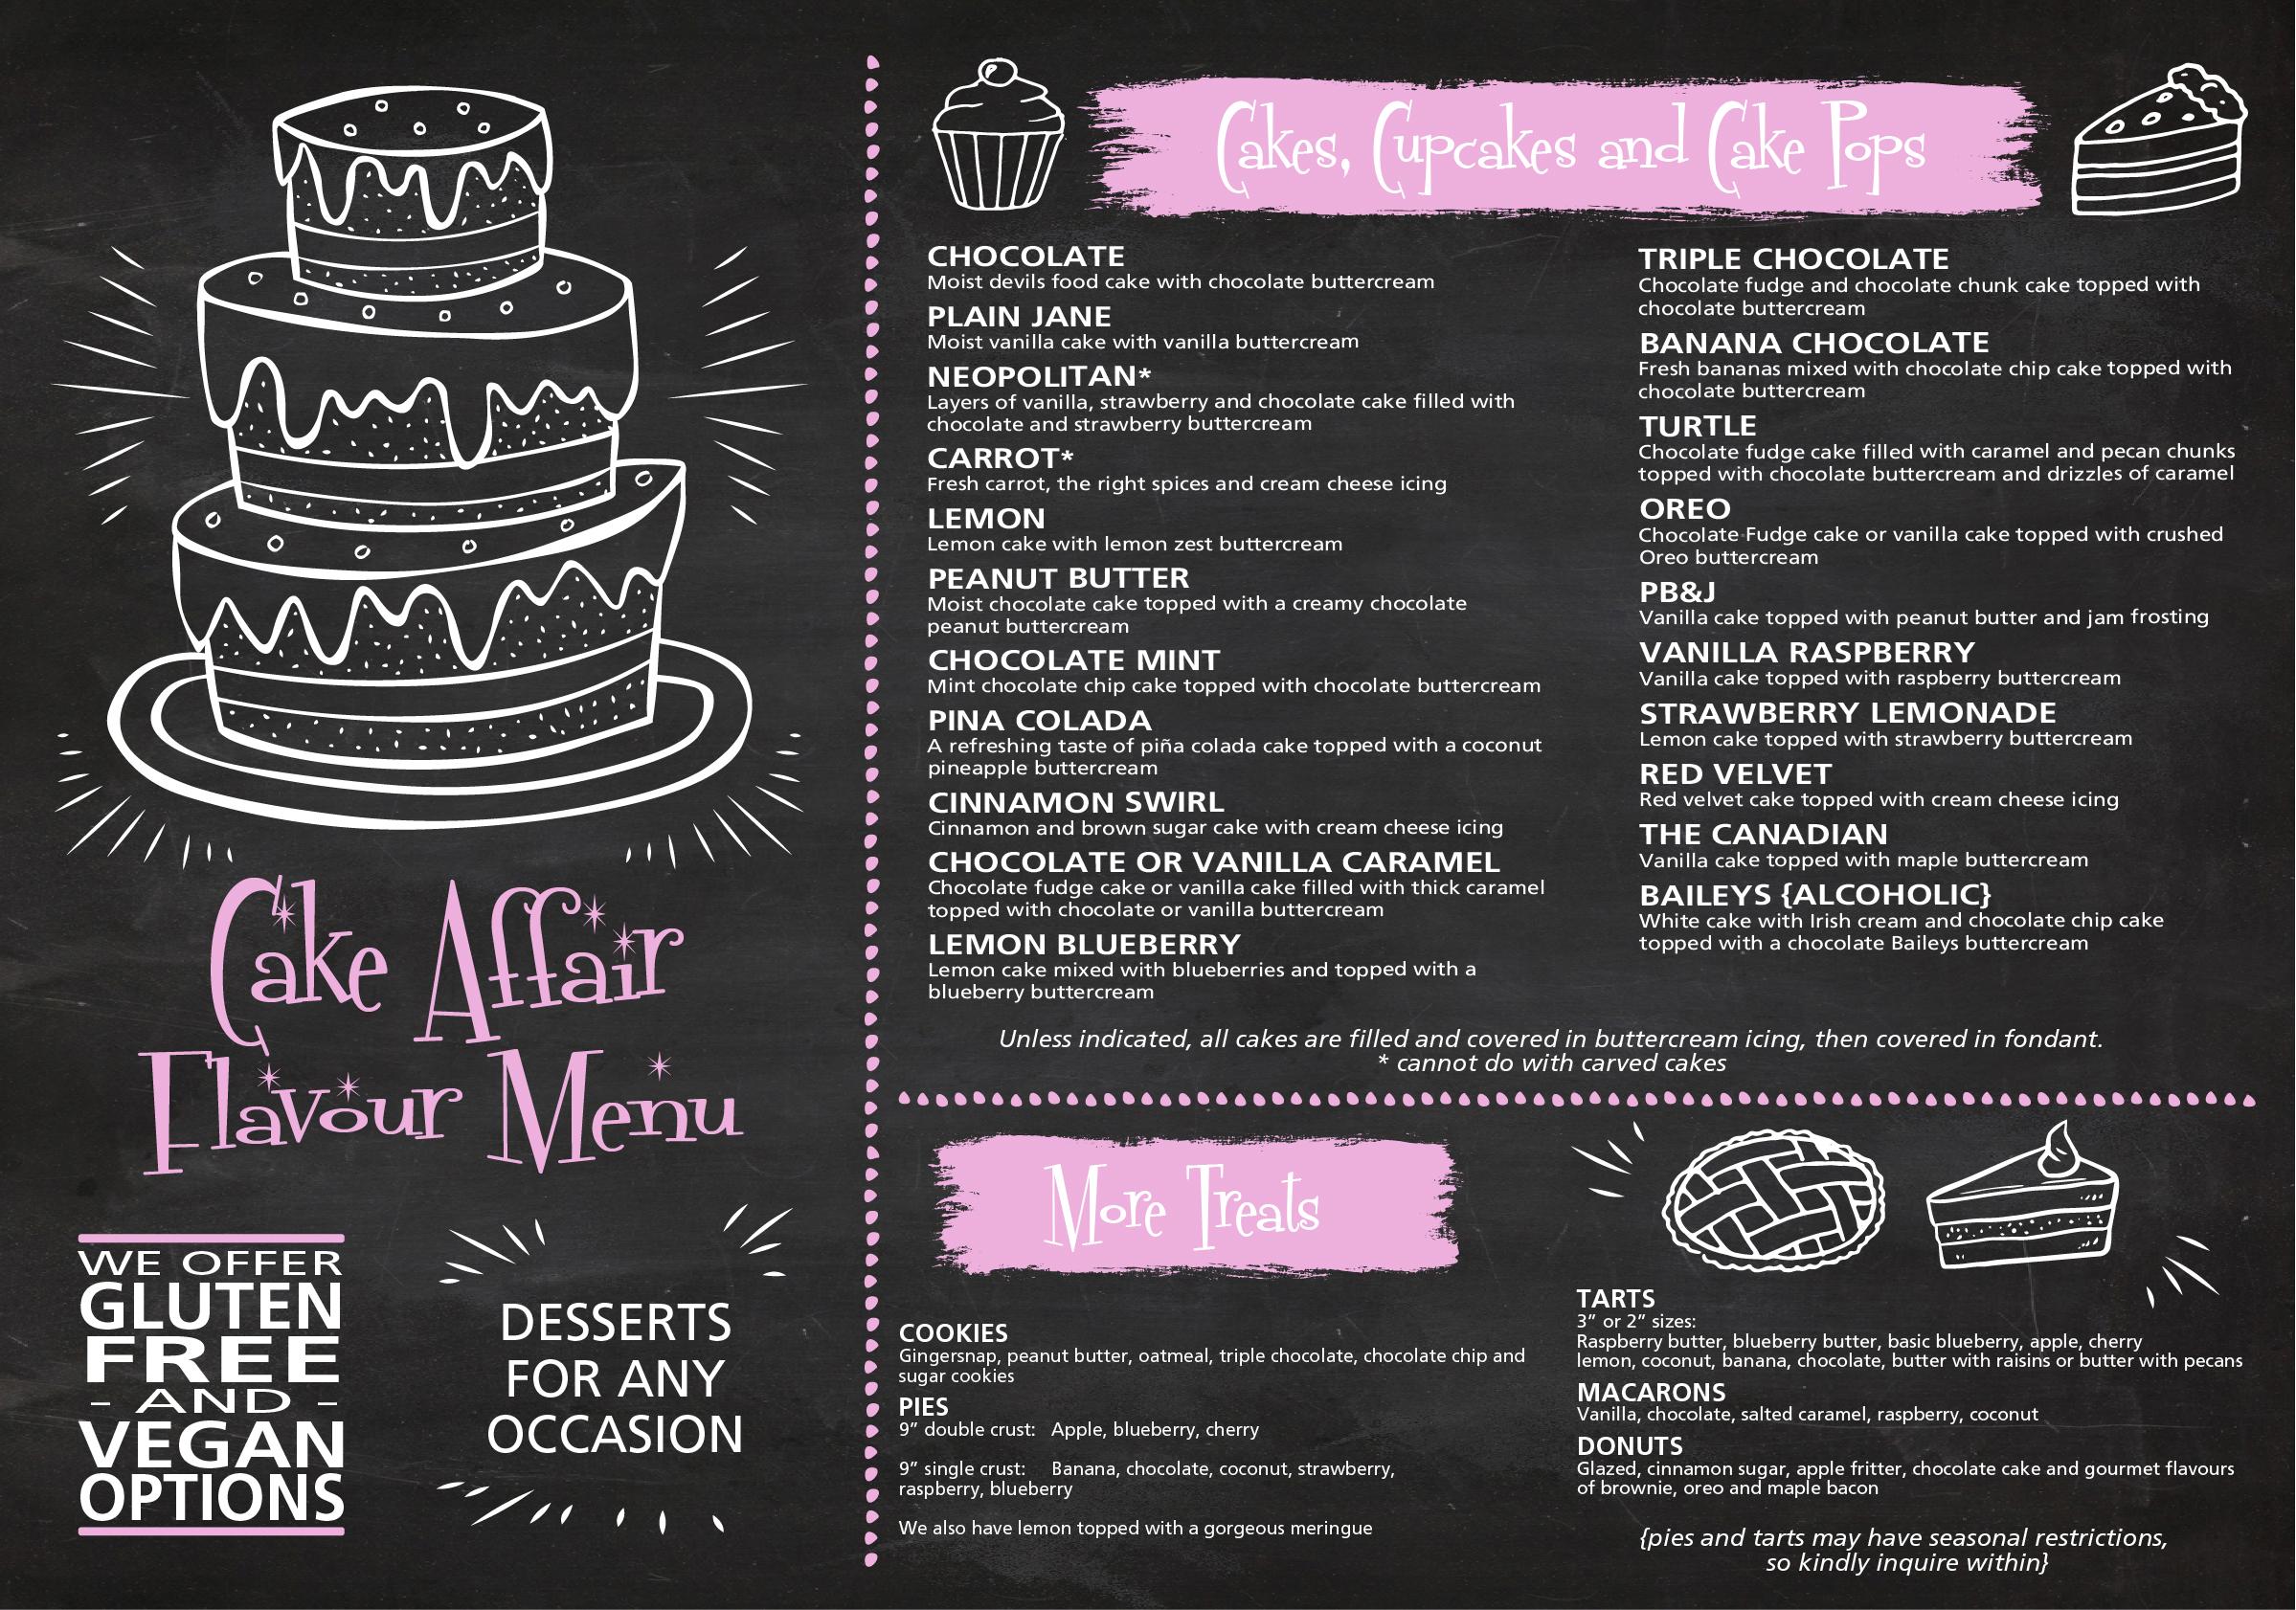 cake affair flavour menu